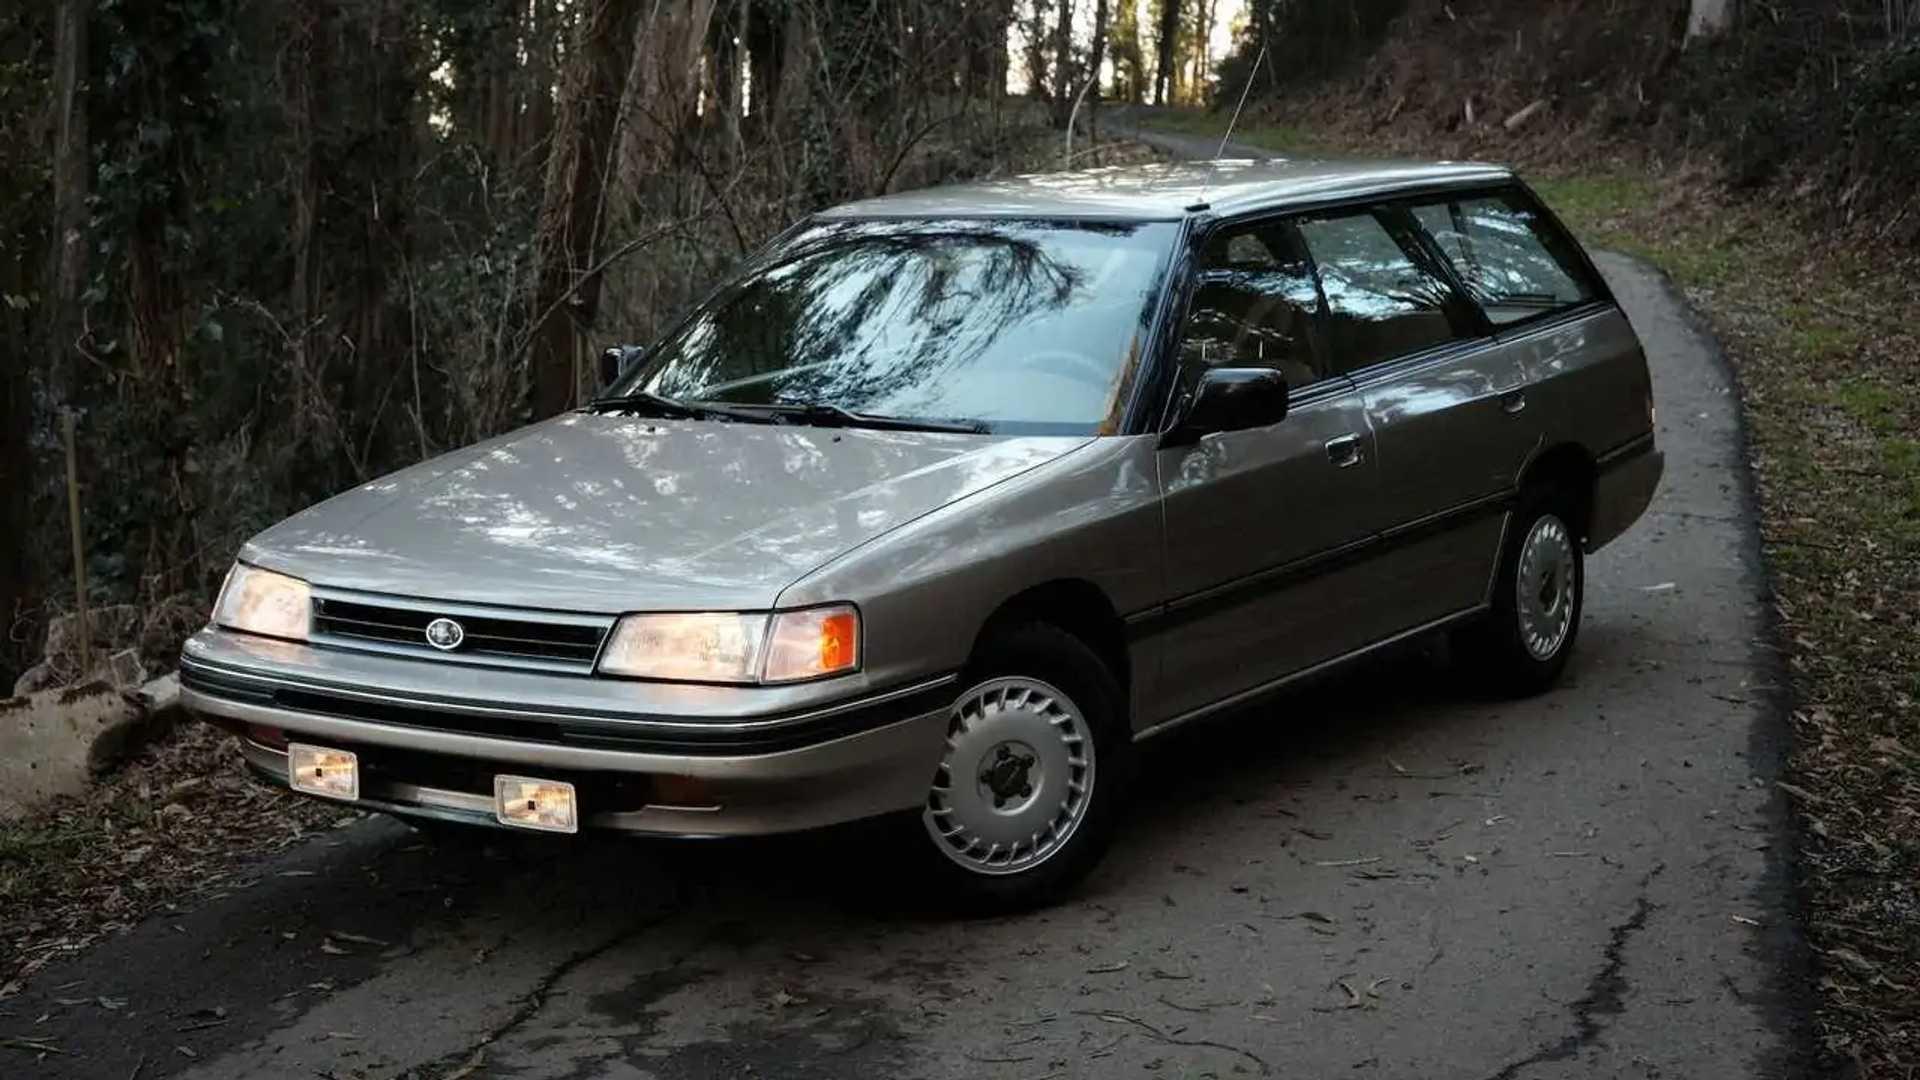 Subaru только что приобрела у Craigslist универсал музейного качества 1990 года